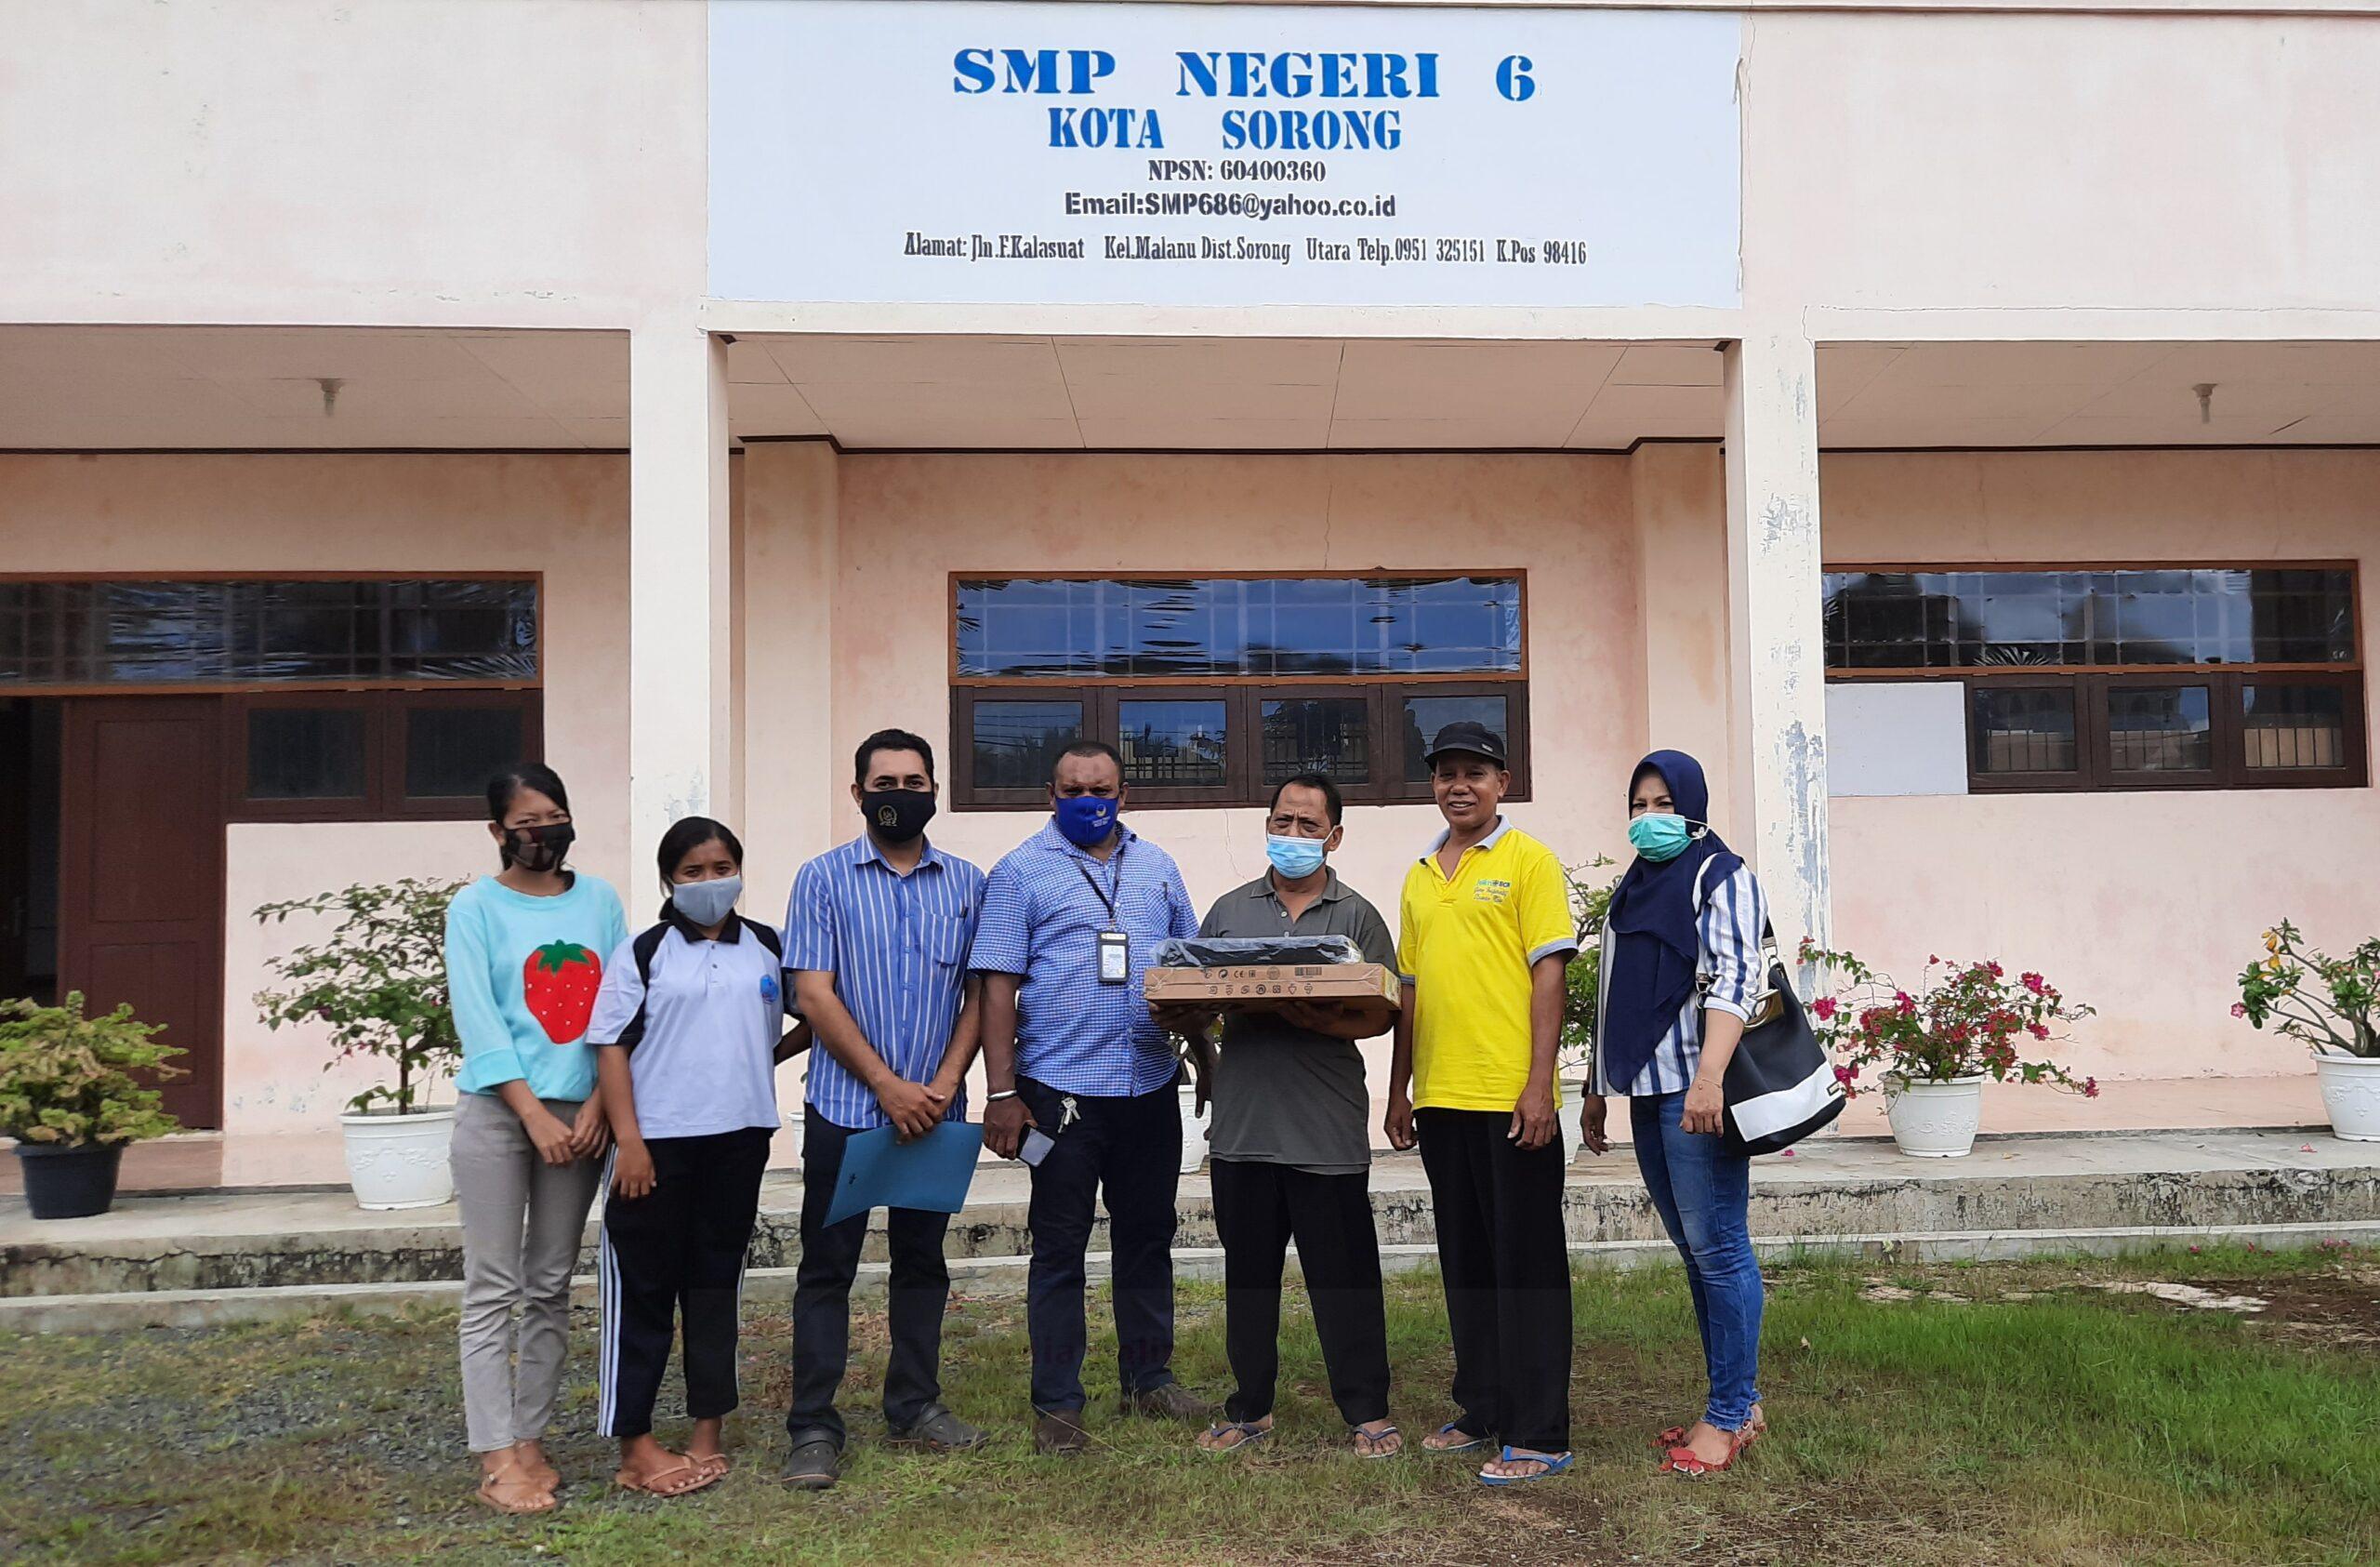 Rico Sia Realisasikan Bantuan Teknologi Untuk Kwarcab Dan Sekolah di Sorong 3 20201107 215228 scaled